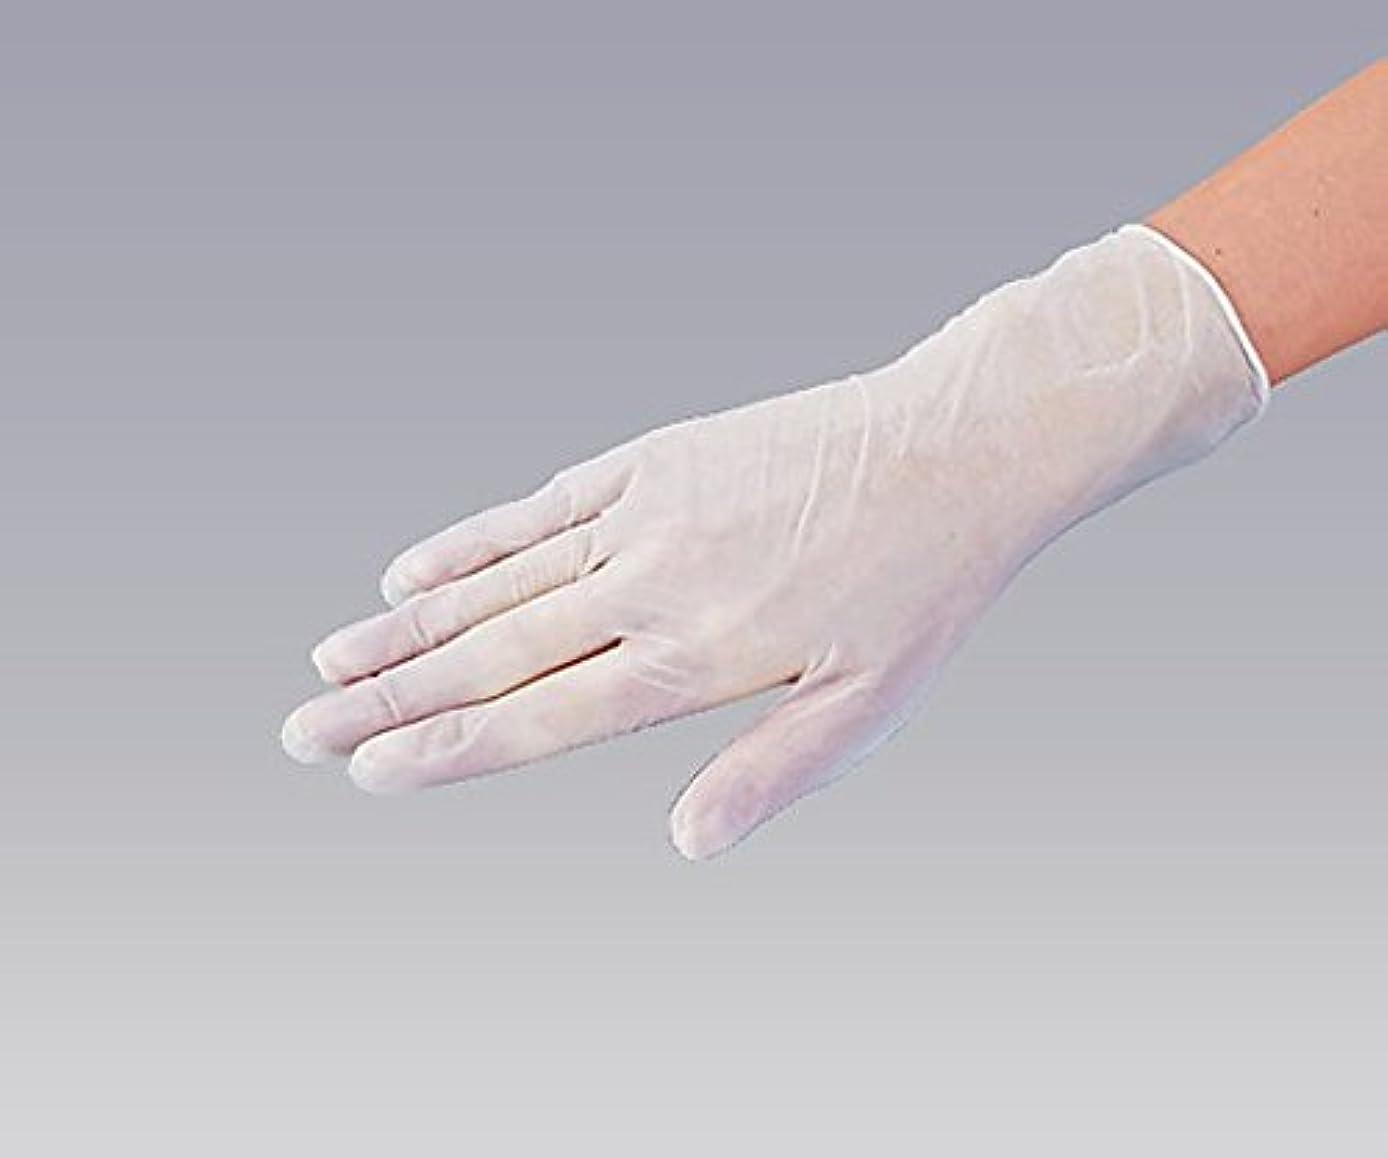 巨大な月面処方するナビス(アズワン)0-9868-02プラスチック手袋パウダー無M100入